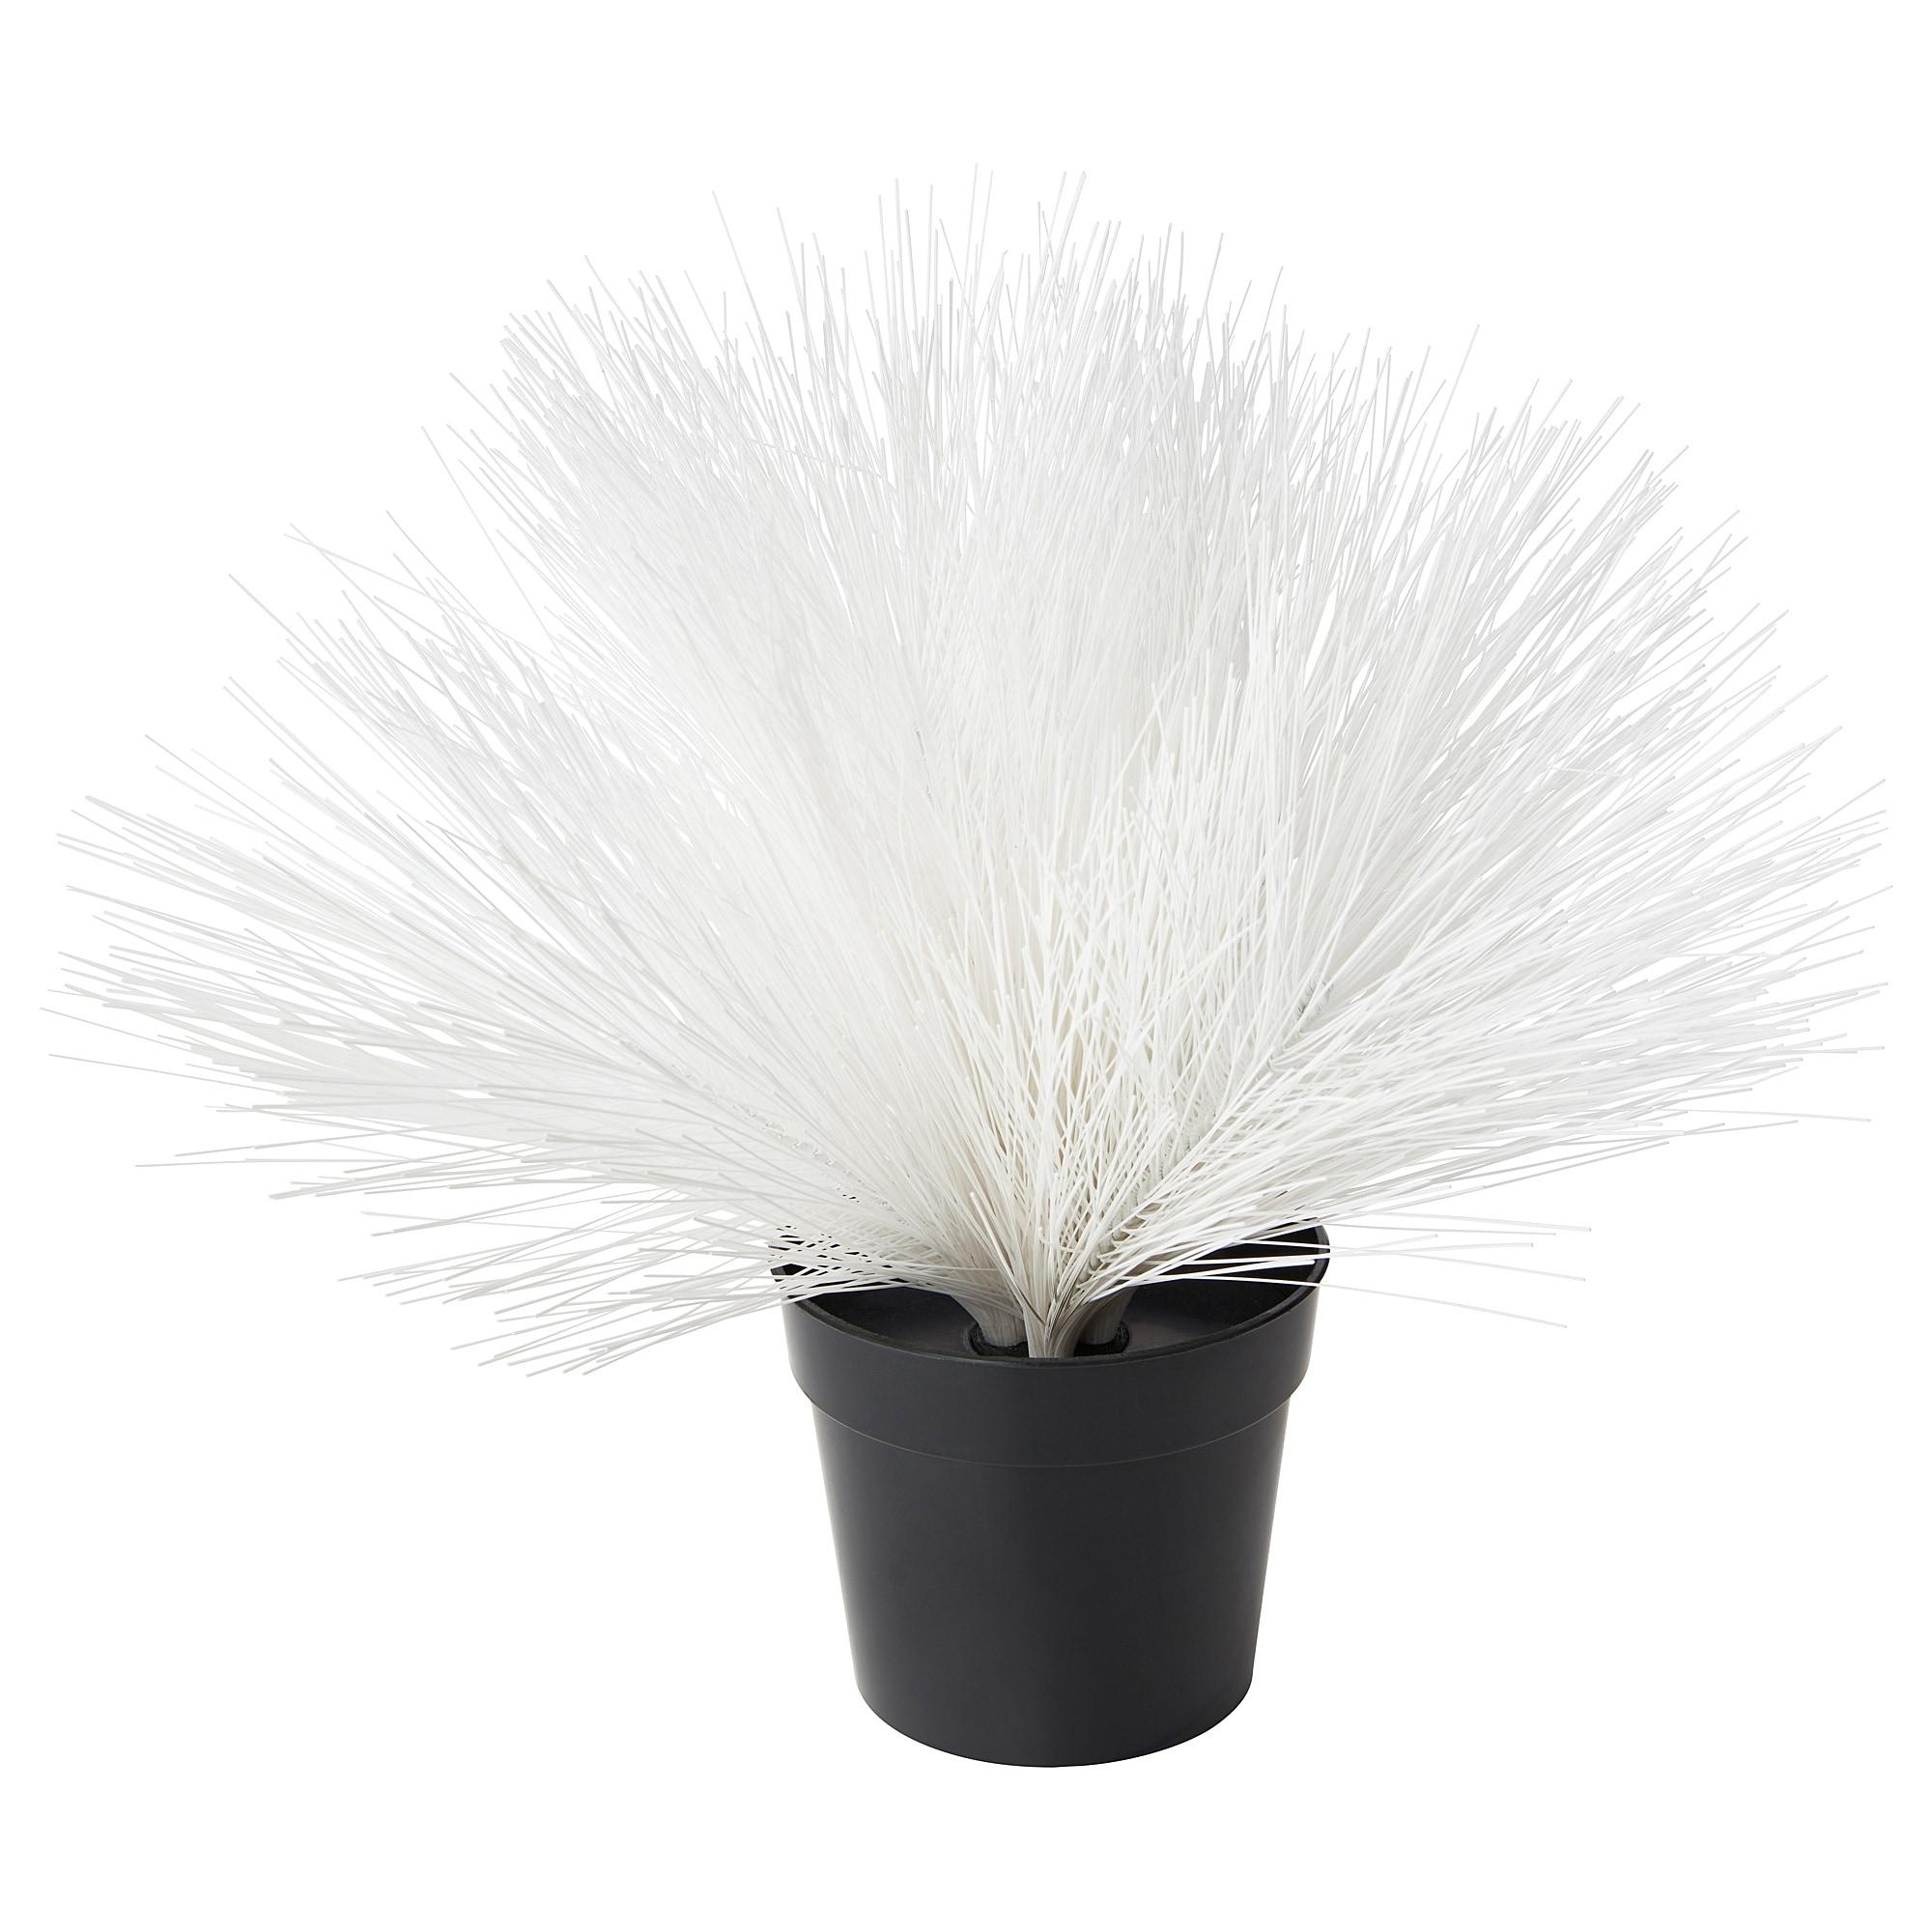 Искусственное растение с подсветкой ФЕЙКА белый артикуль № 804.088.49 в наличии. Интернет магазин IKEA Республика Беларусь. Быстрая доставка и монтаж.